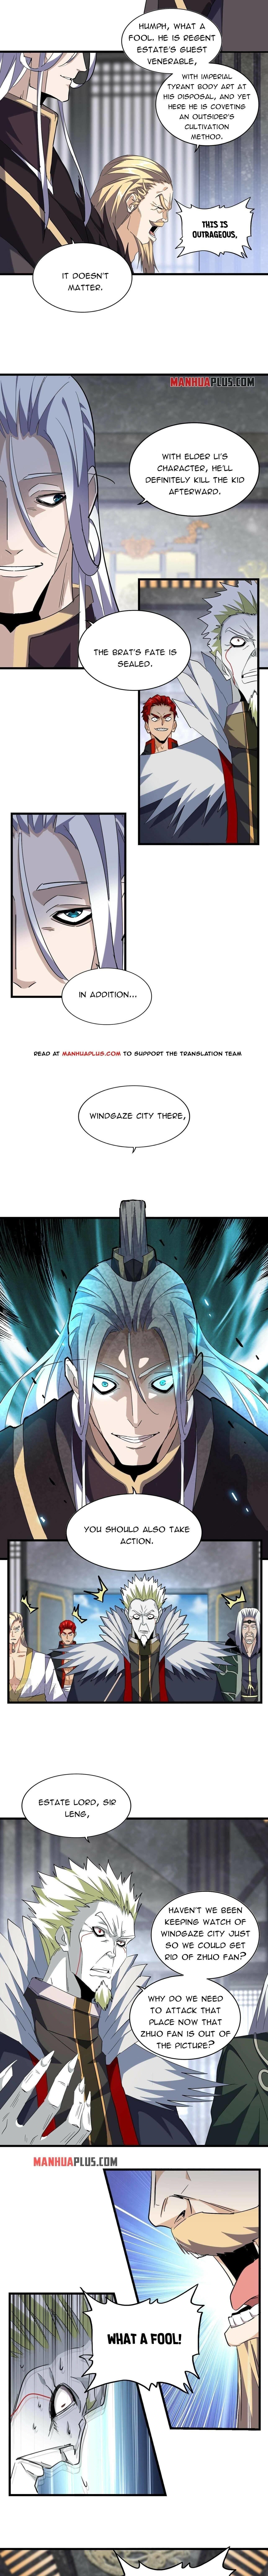 Magic Emperor Chapter 220 page 7 - Mangakakalot